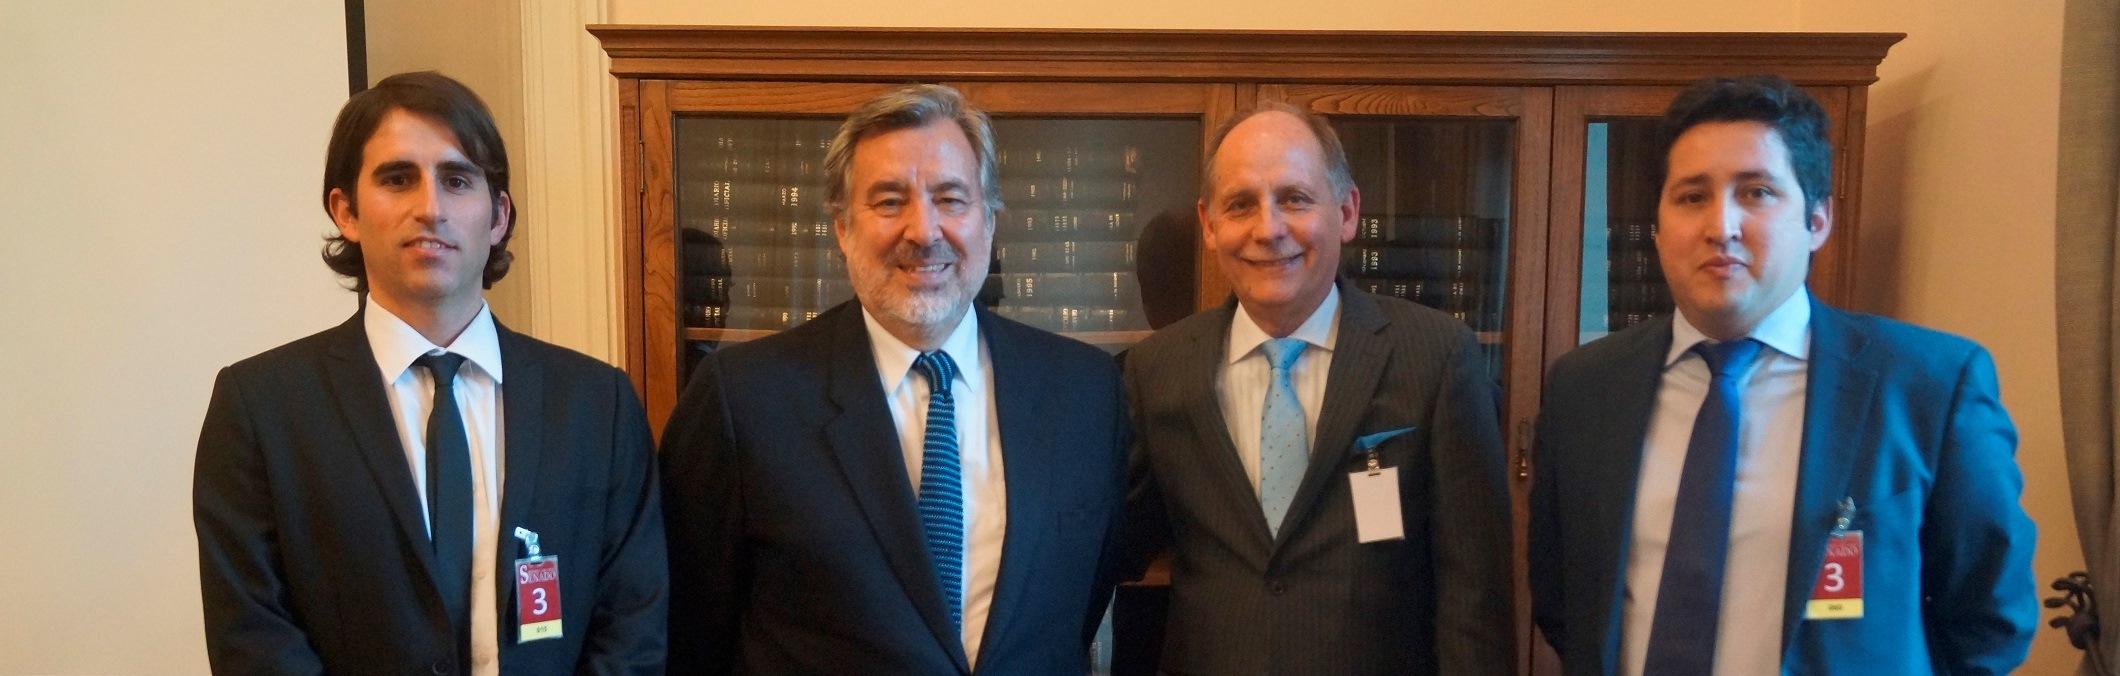 Presentan Copiapó 2050 a Senador Guillier y a representante de Codelco noticias